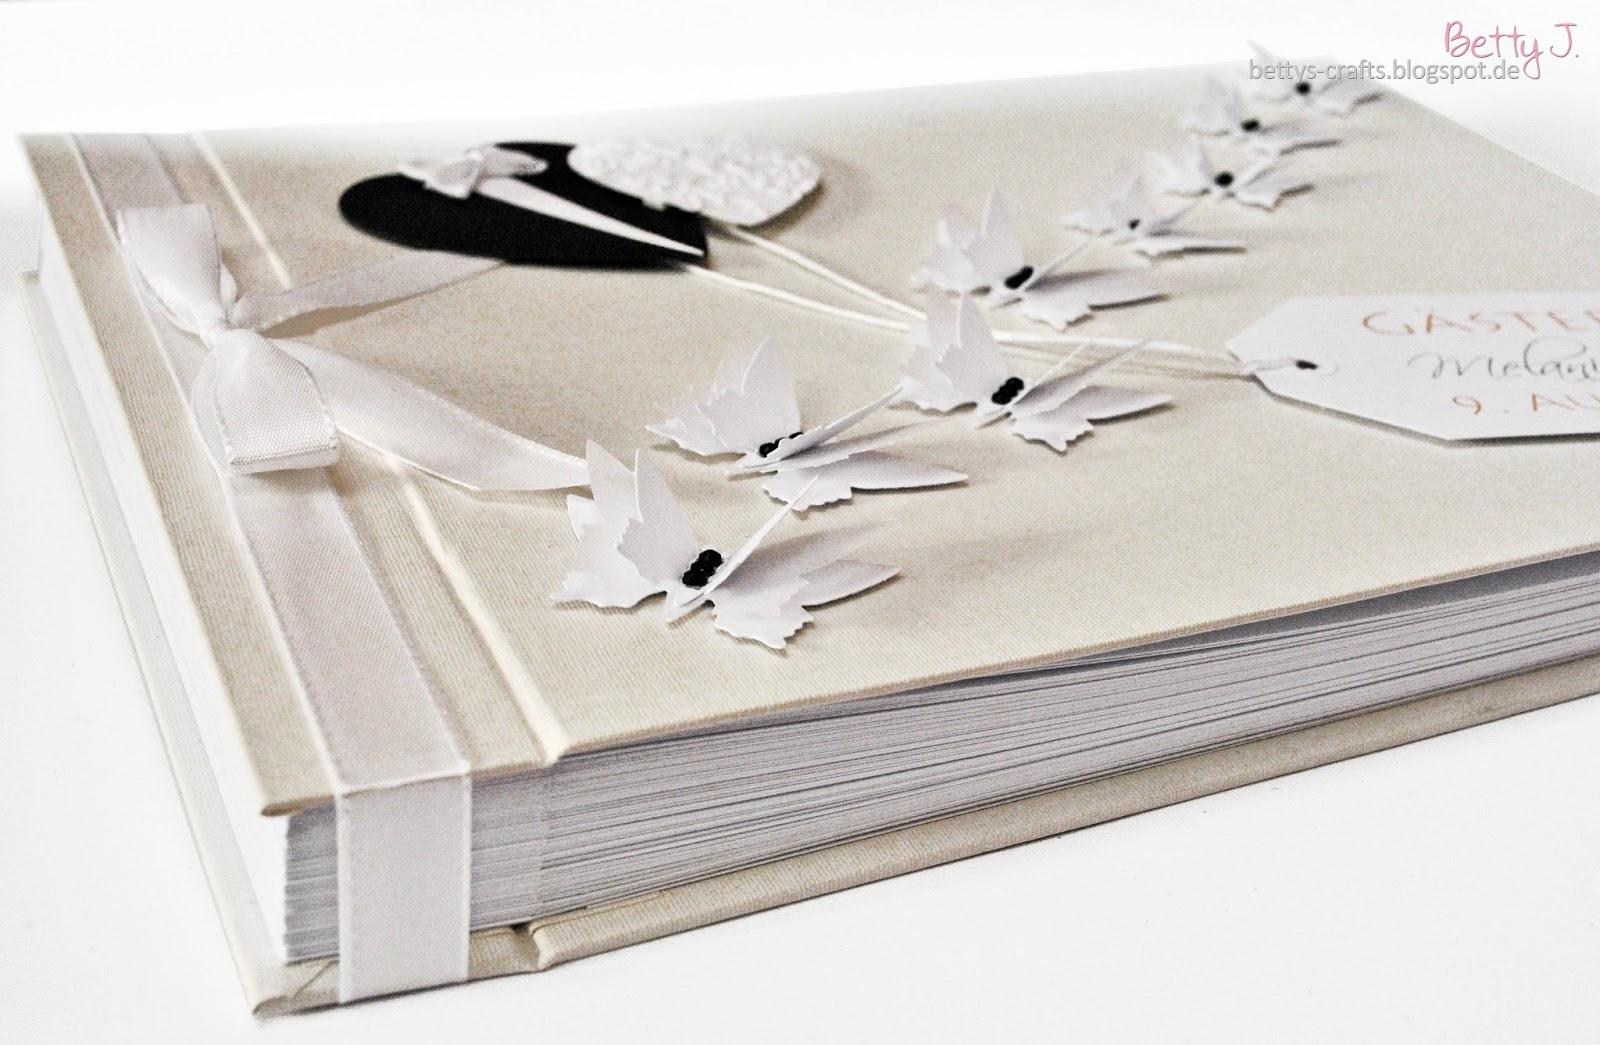 bettys crafts hochzeits g stebuch mit buchschrauben bindung variante 2. Black Bedroom Furniture Sets. Home Design Ideas